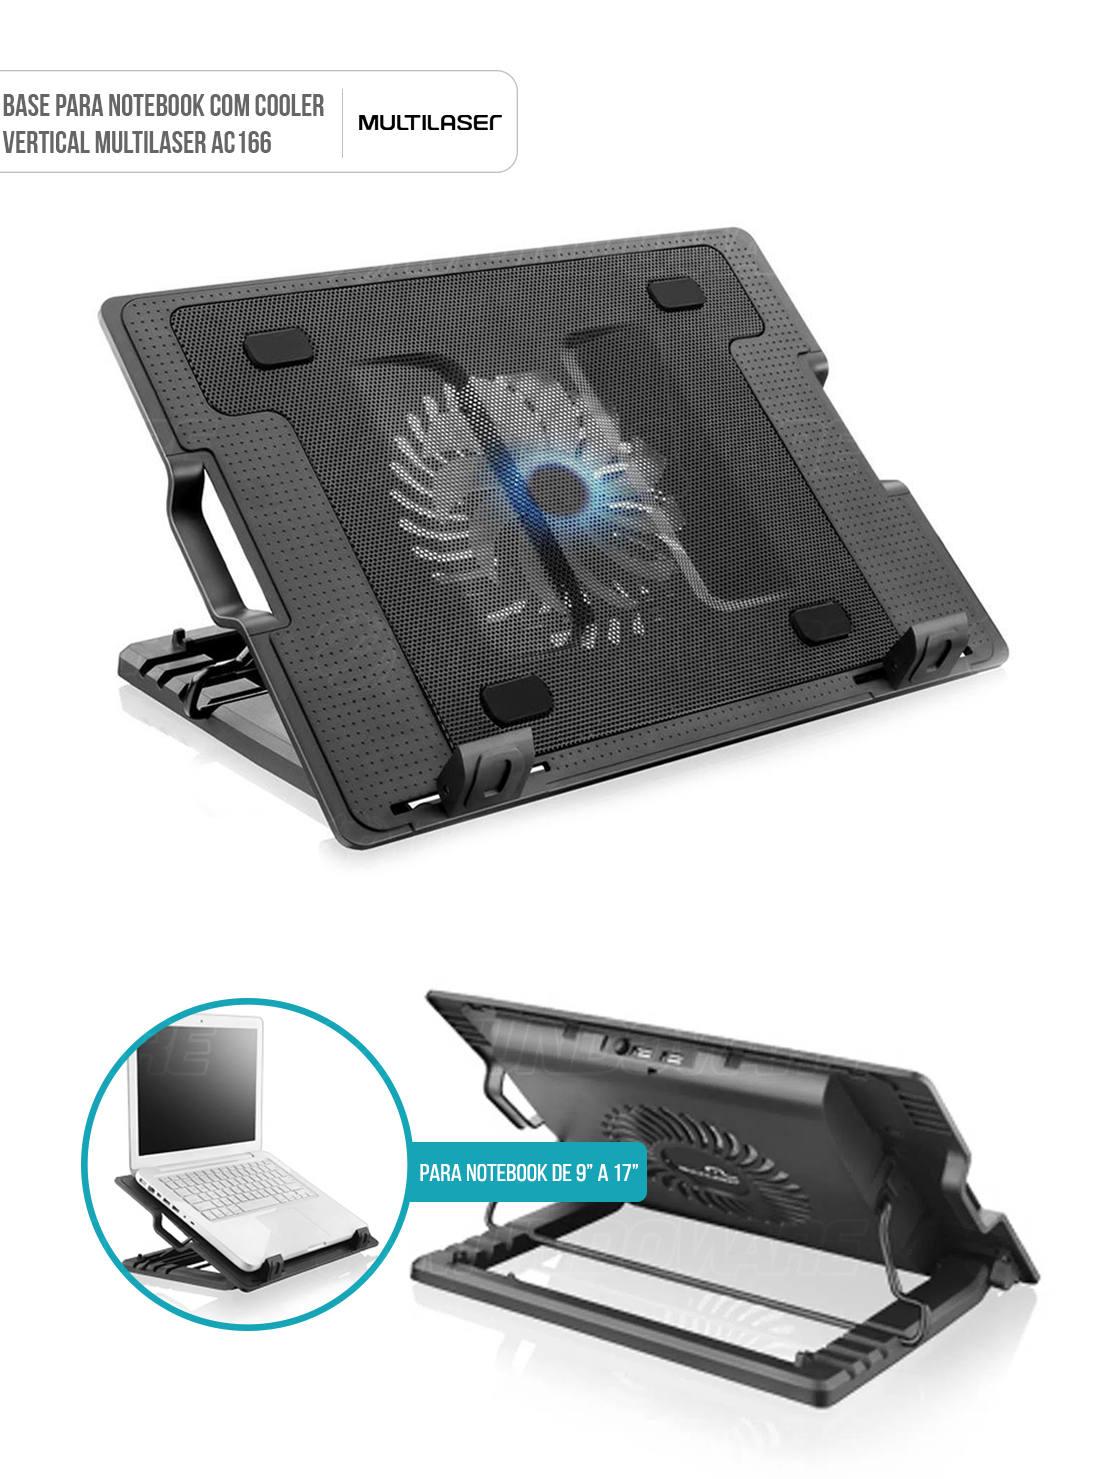 Base para Notebook de 9 a 17 com Cooler Superfície em Metal 4 Ângulos de Inclinação 2 Portas USB Multilaser AC166